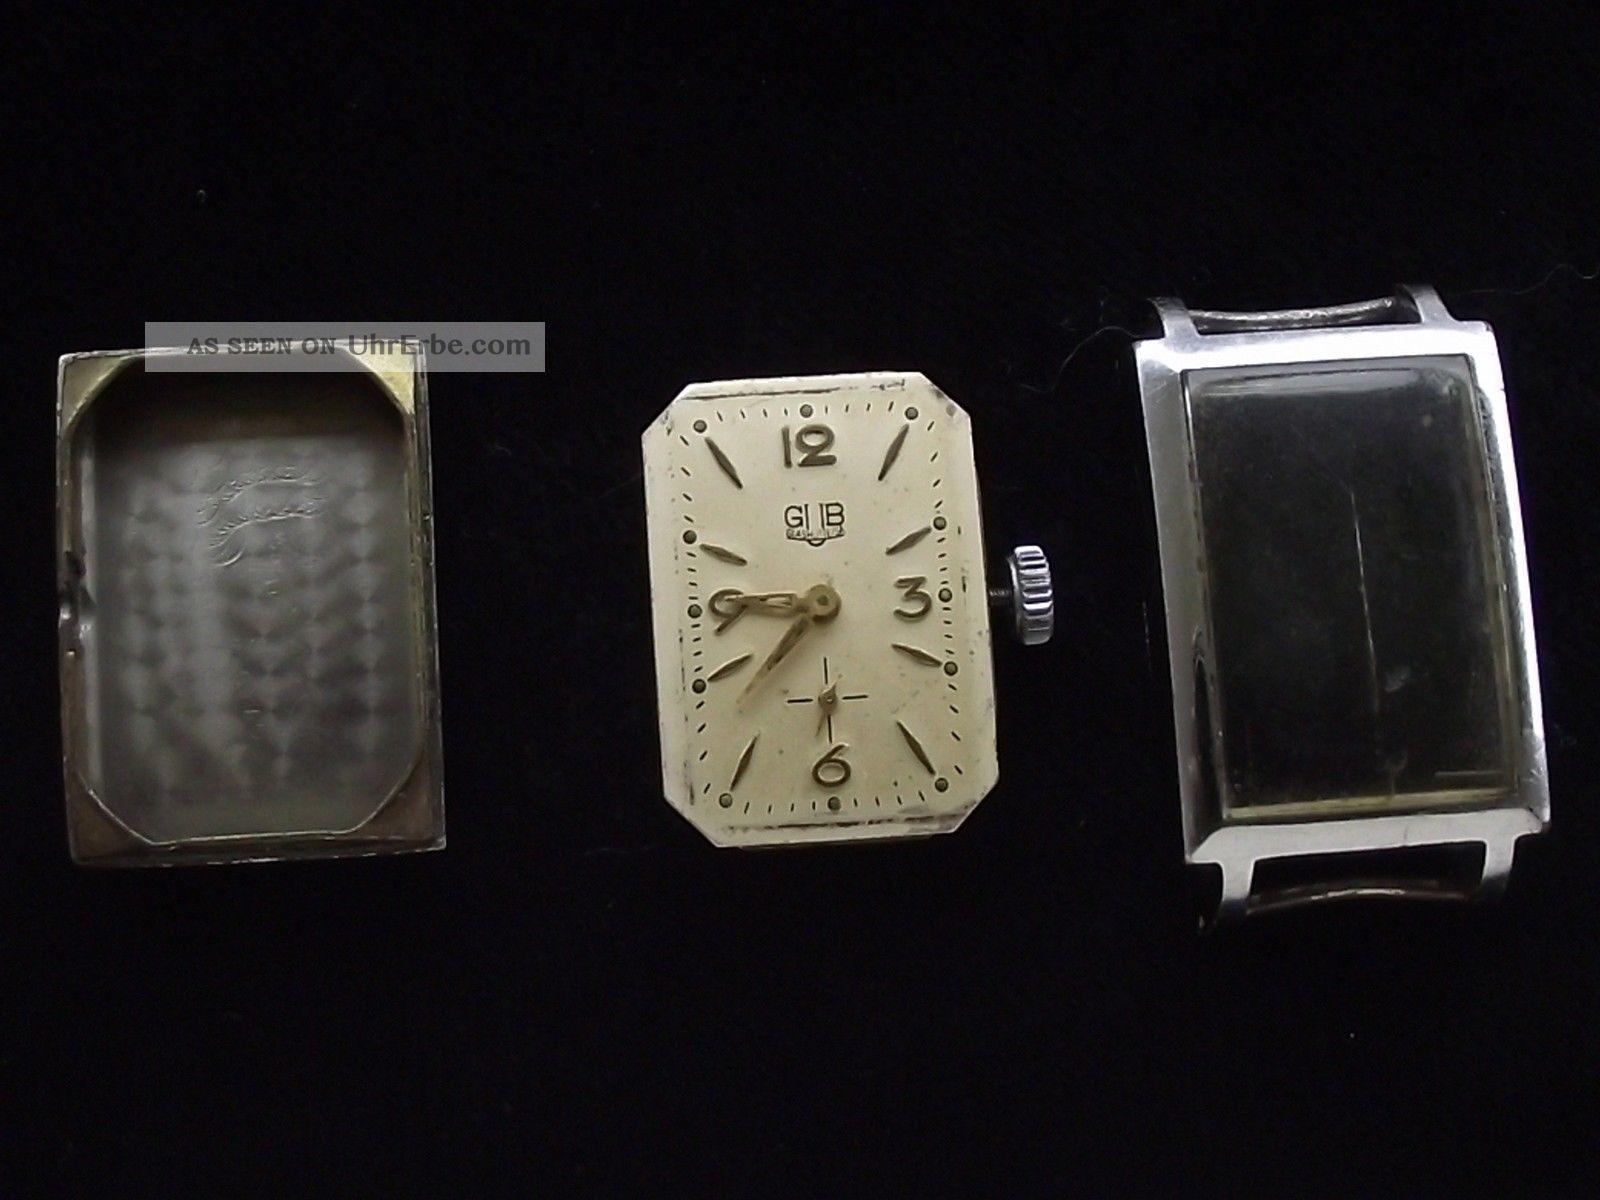 Frühe,  Seltene Artdeco Glashütte Gub Kal.  62.  2 Herrenuhr Armbanduhren Bild